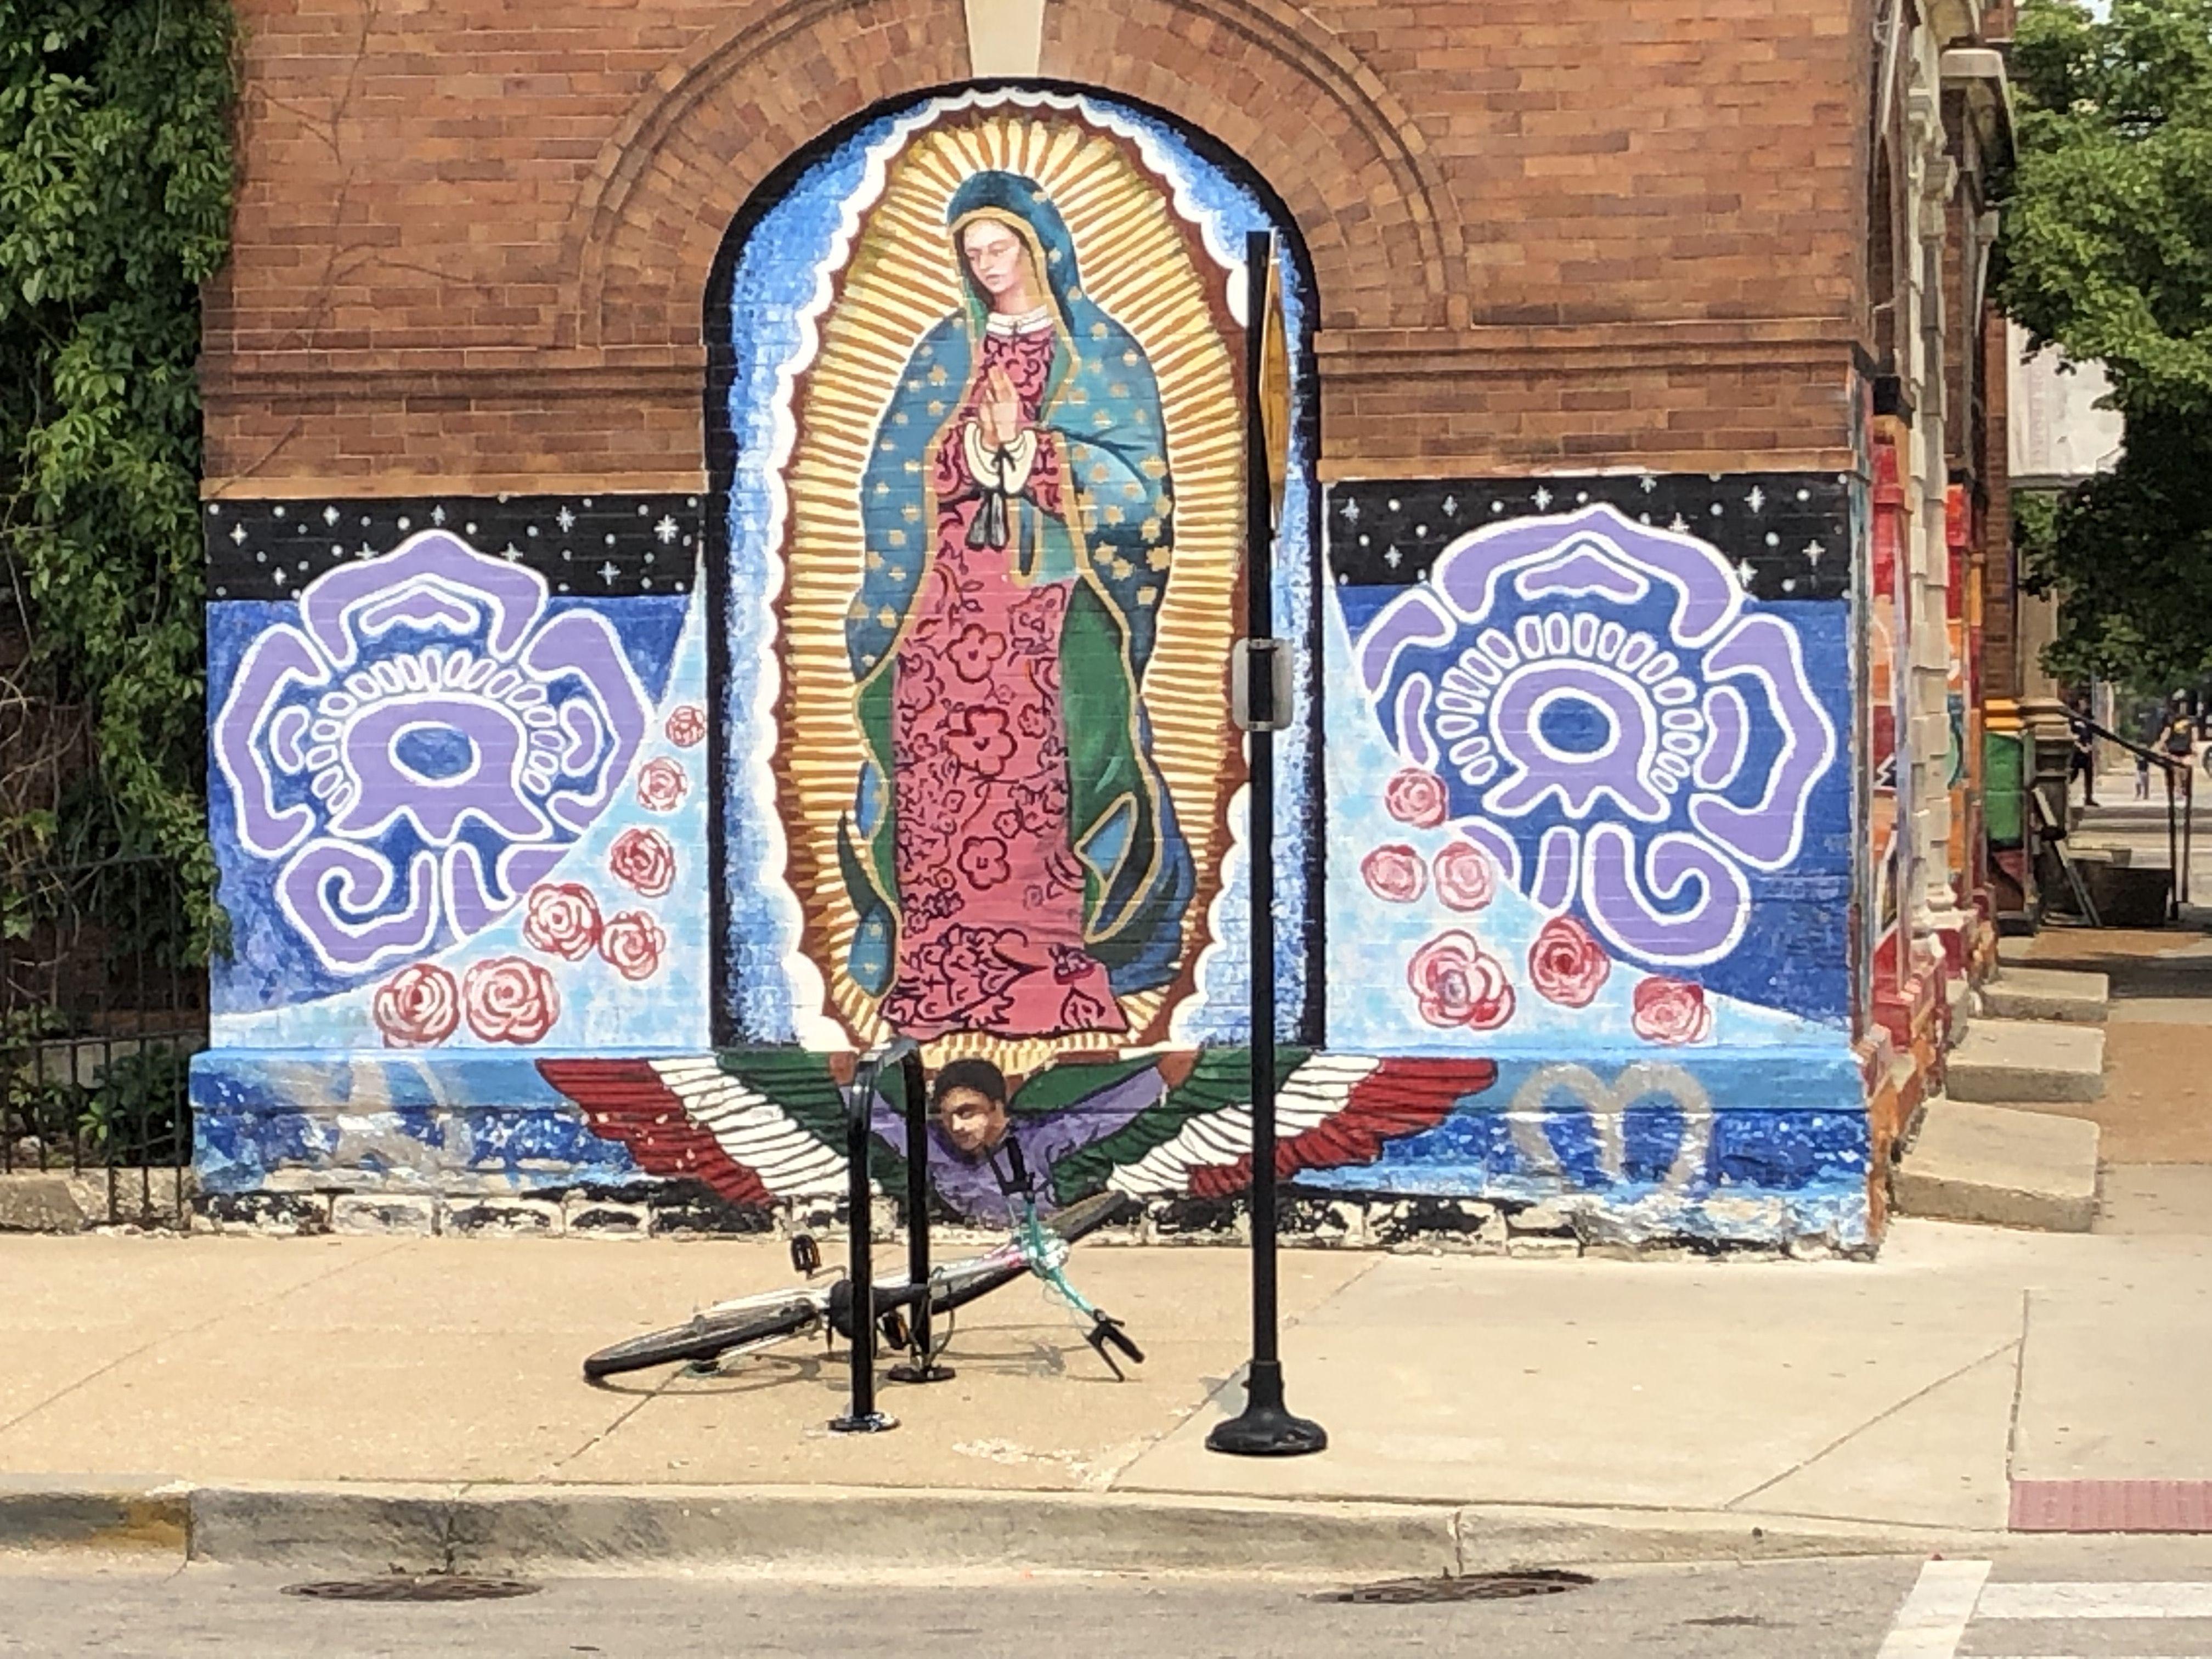 Exploring pilsen latino culture in chicago pilsen free